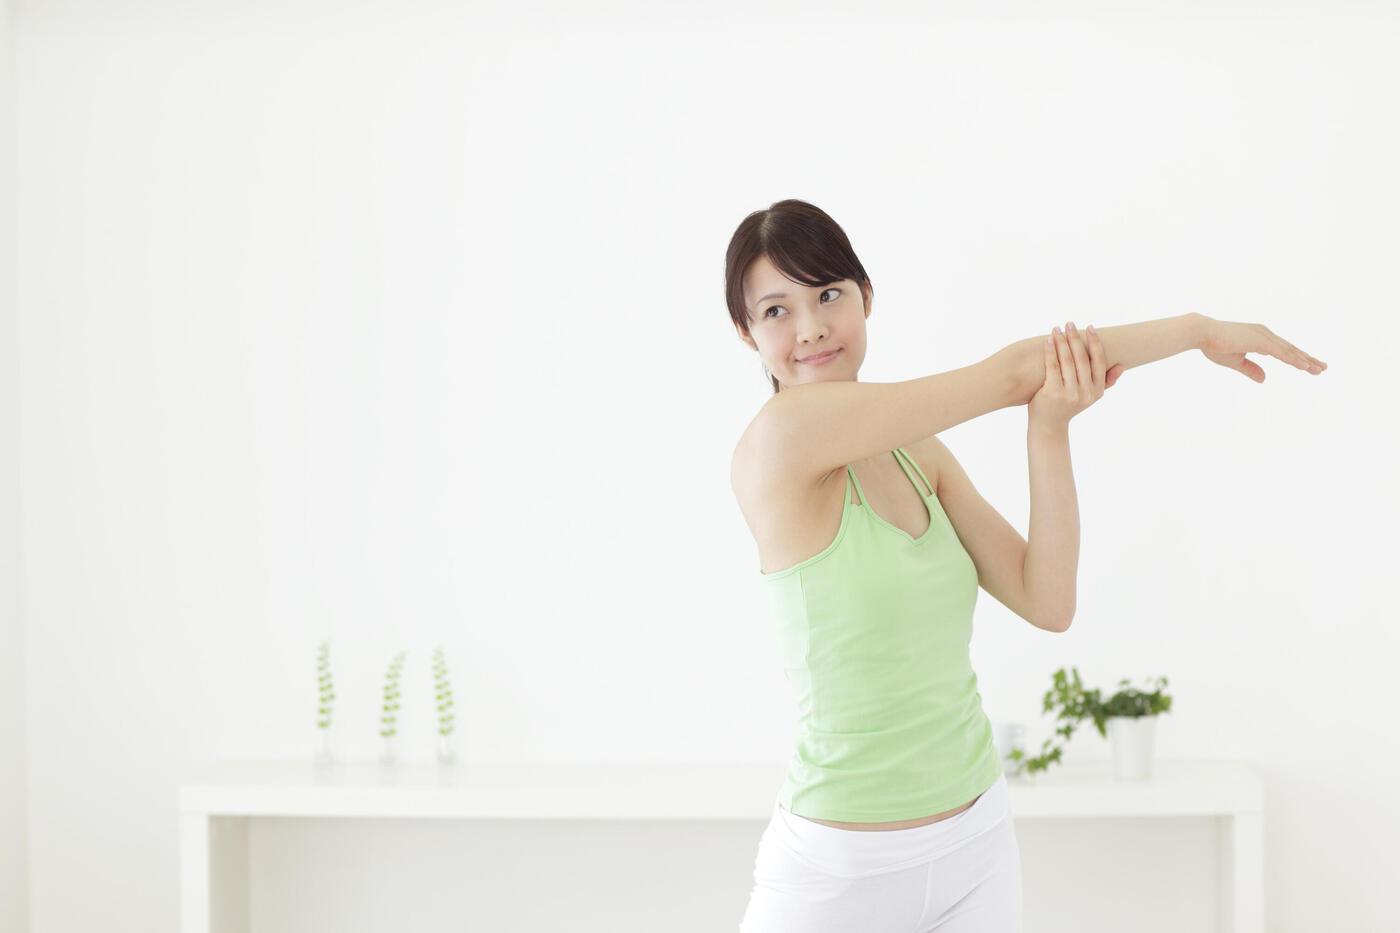 二の腕ダイエットの方法を知りたい!効果のあるグッズやエクササイズとは